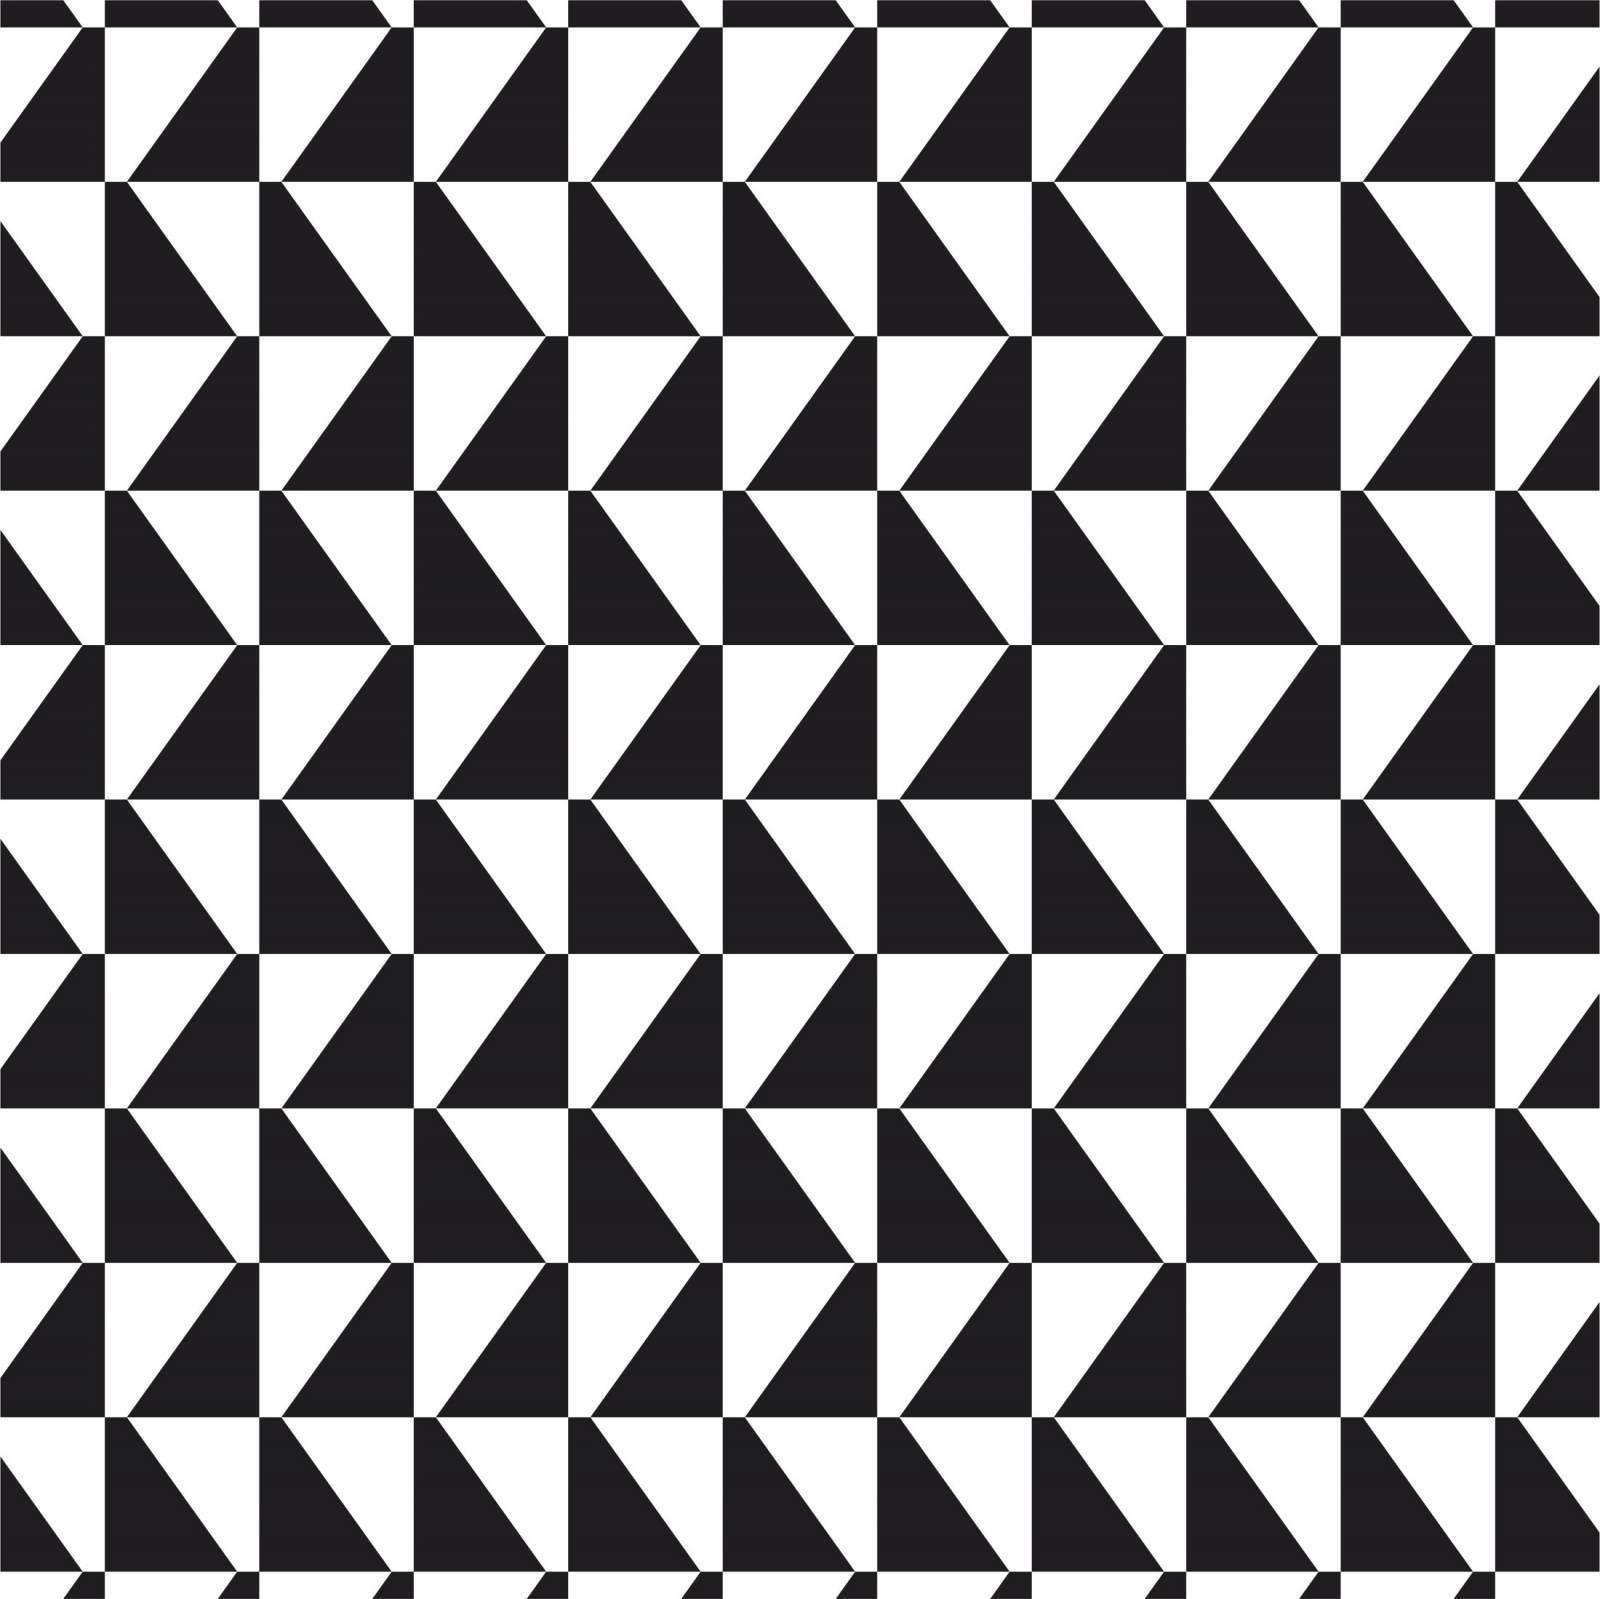 Papel de Parede Adesivo Geometrico Preto e Branco 4/Rolo